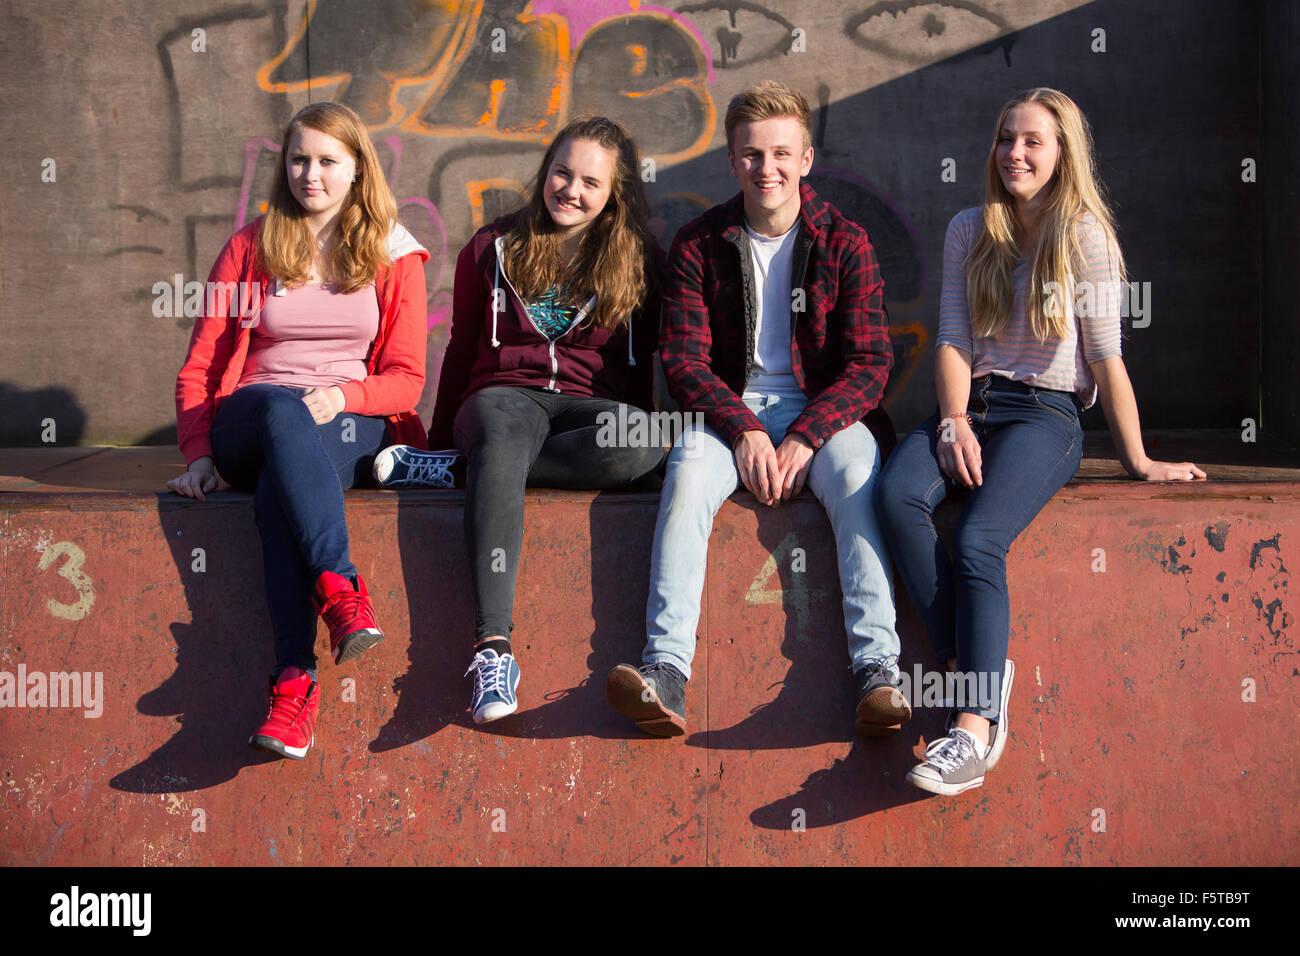 Ritratto di amici adolescenti in seduta skateboard Park Immagini Stock